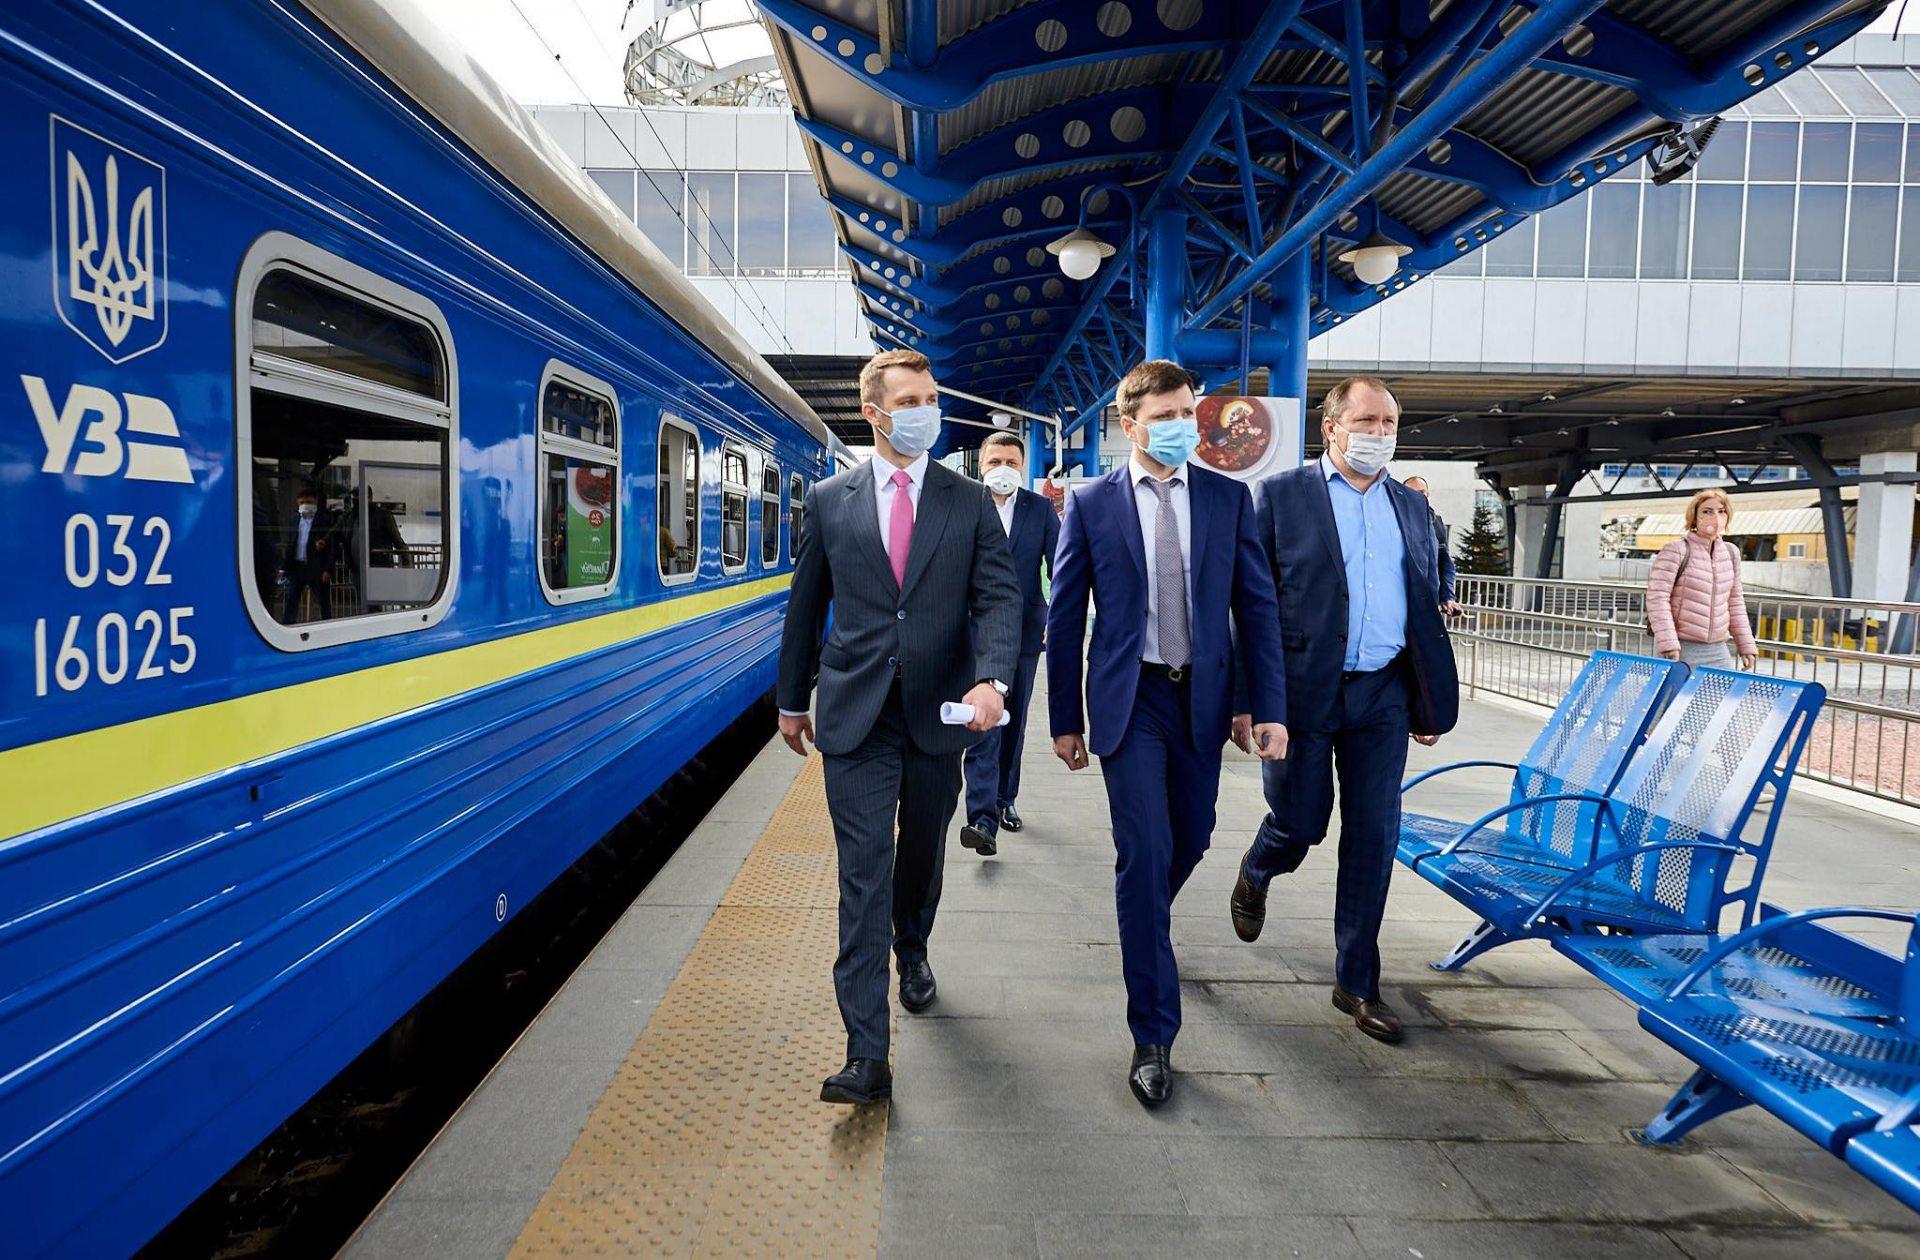 """""""Укрзализныця"""" уволила руководителей депо, выпустивших на маршрут поезд с дырявой крышей"""